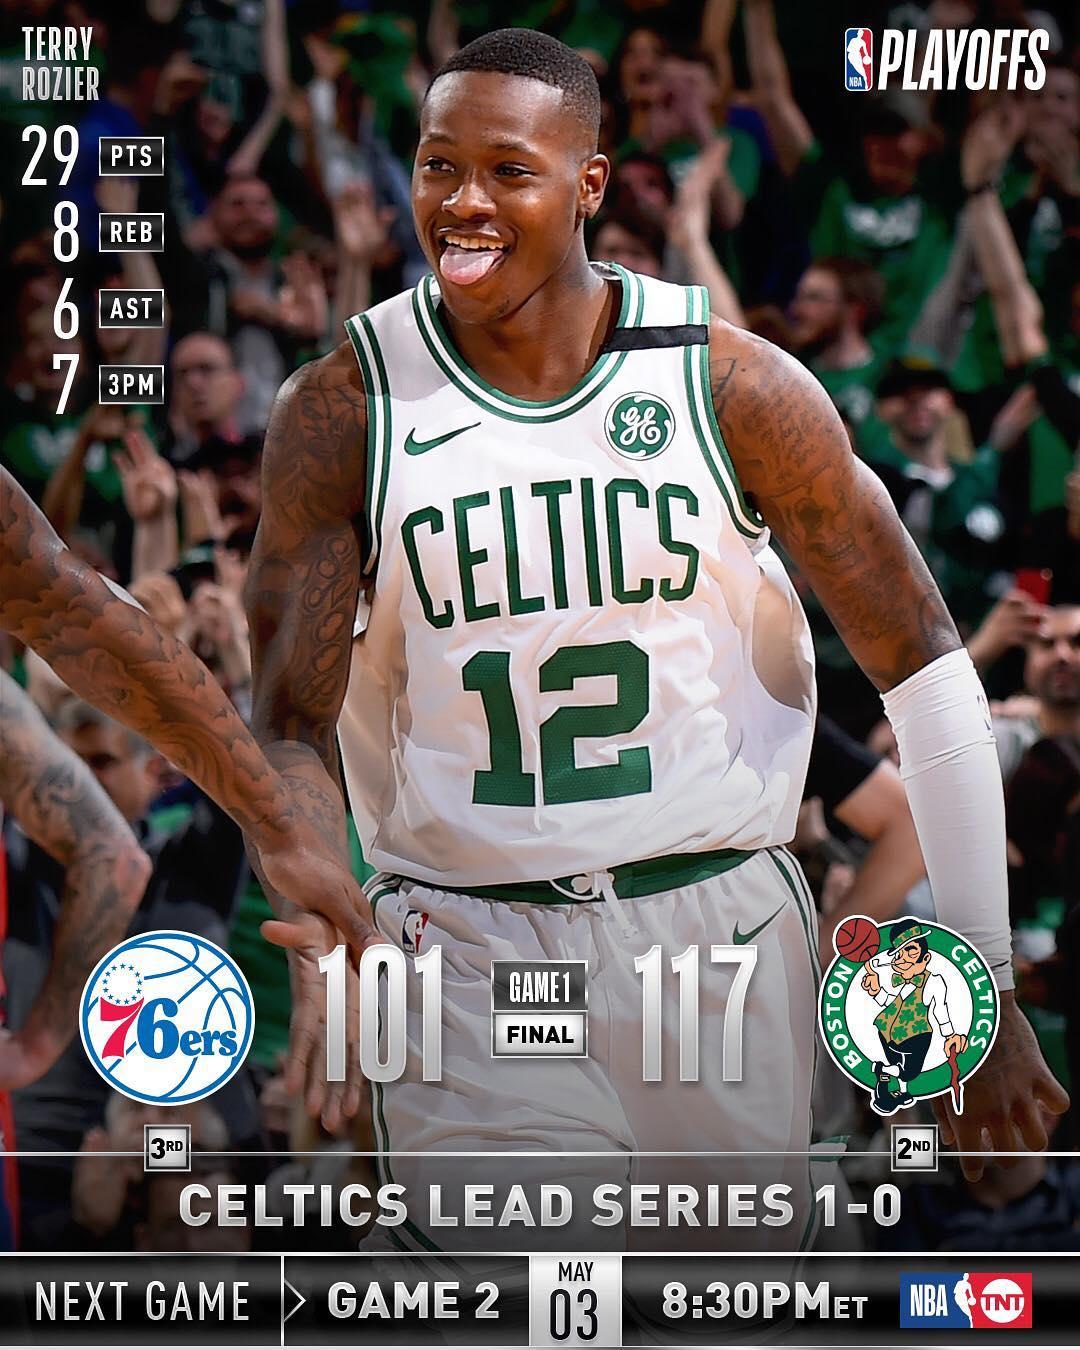 NBA官方发布东部半决赛首战比赛综述图